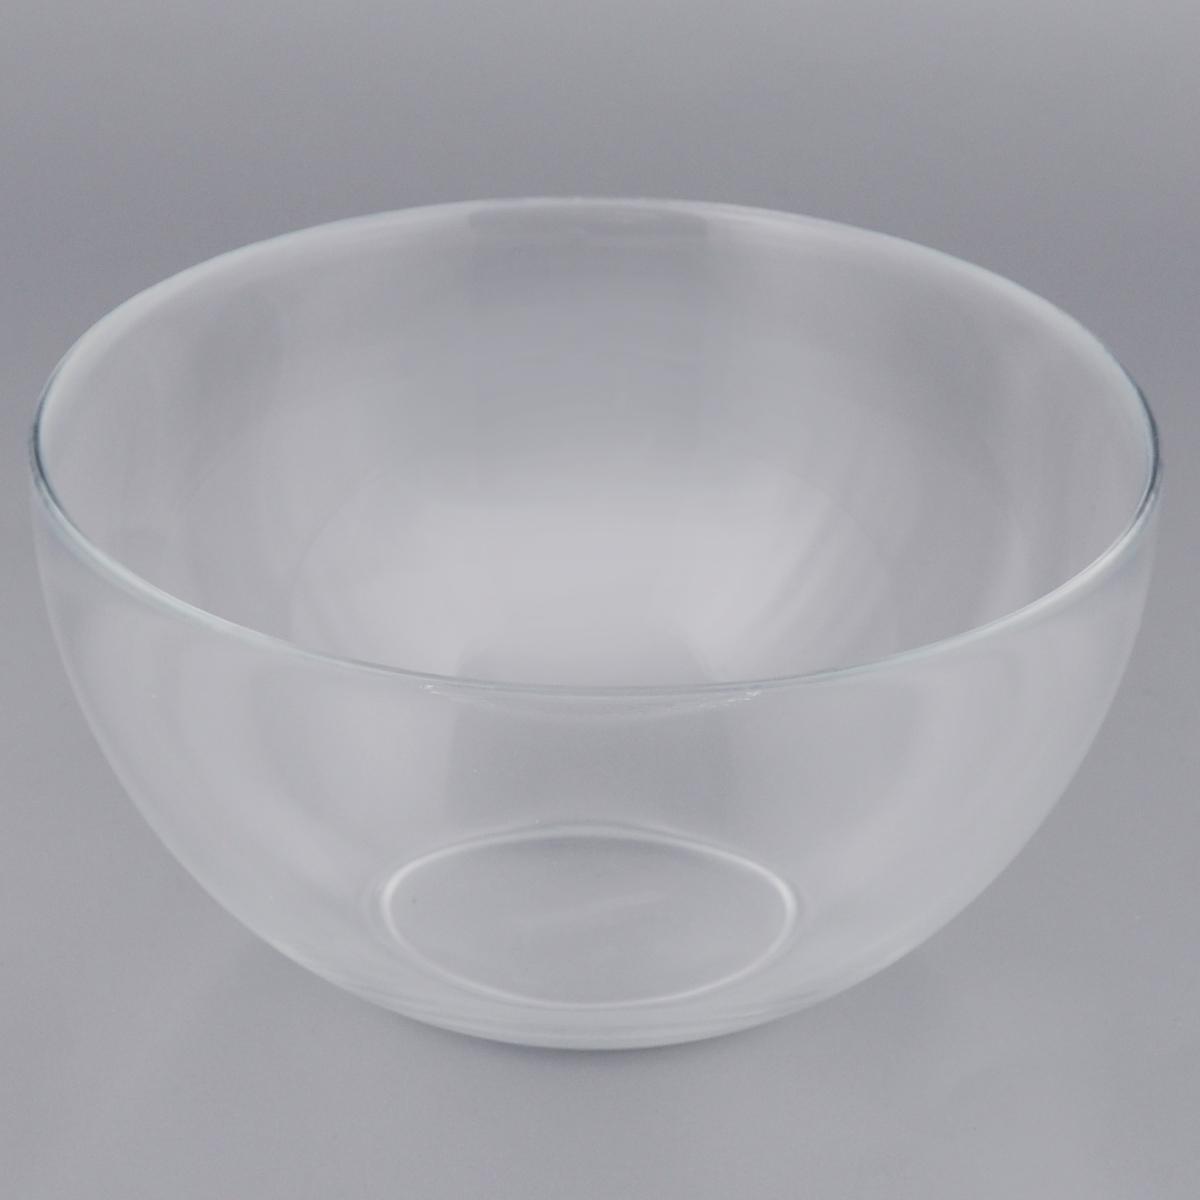 Миска Tescoma Giro, диаметр 16 см115510Миска Tescoma Giro выполнена из высококачественного стекла и предназначена для подачи салатов и других блюд. Изделие сочетает в себеизысканный дизайн с максимальной функциональностью. Она прекрасно впишется в интерьер вашей кухни и станет достойным дополнением к кухонному инвентарю. Миска Tescoma Giro подчеркнет прекрасный вкус хозяйки и станет отличным подарком. Можно использовать в СВЧ и мыть в посудомоечной машине.Диаметр миски (по верхнему краю): 16 см. Высота стенки: 8,5 см.